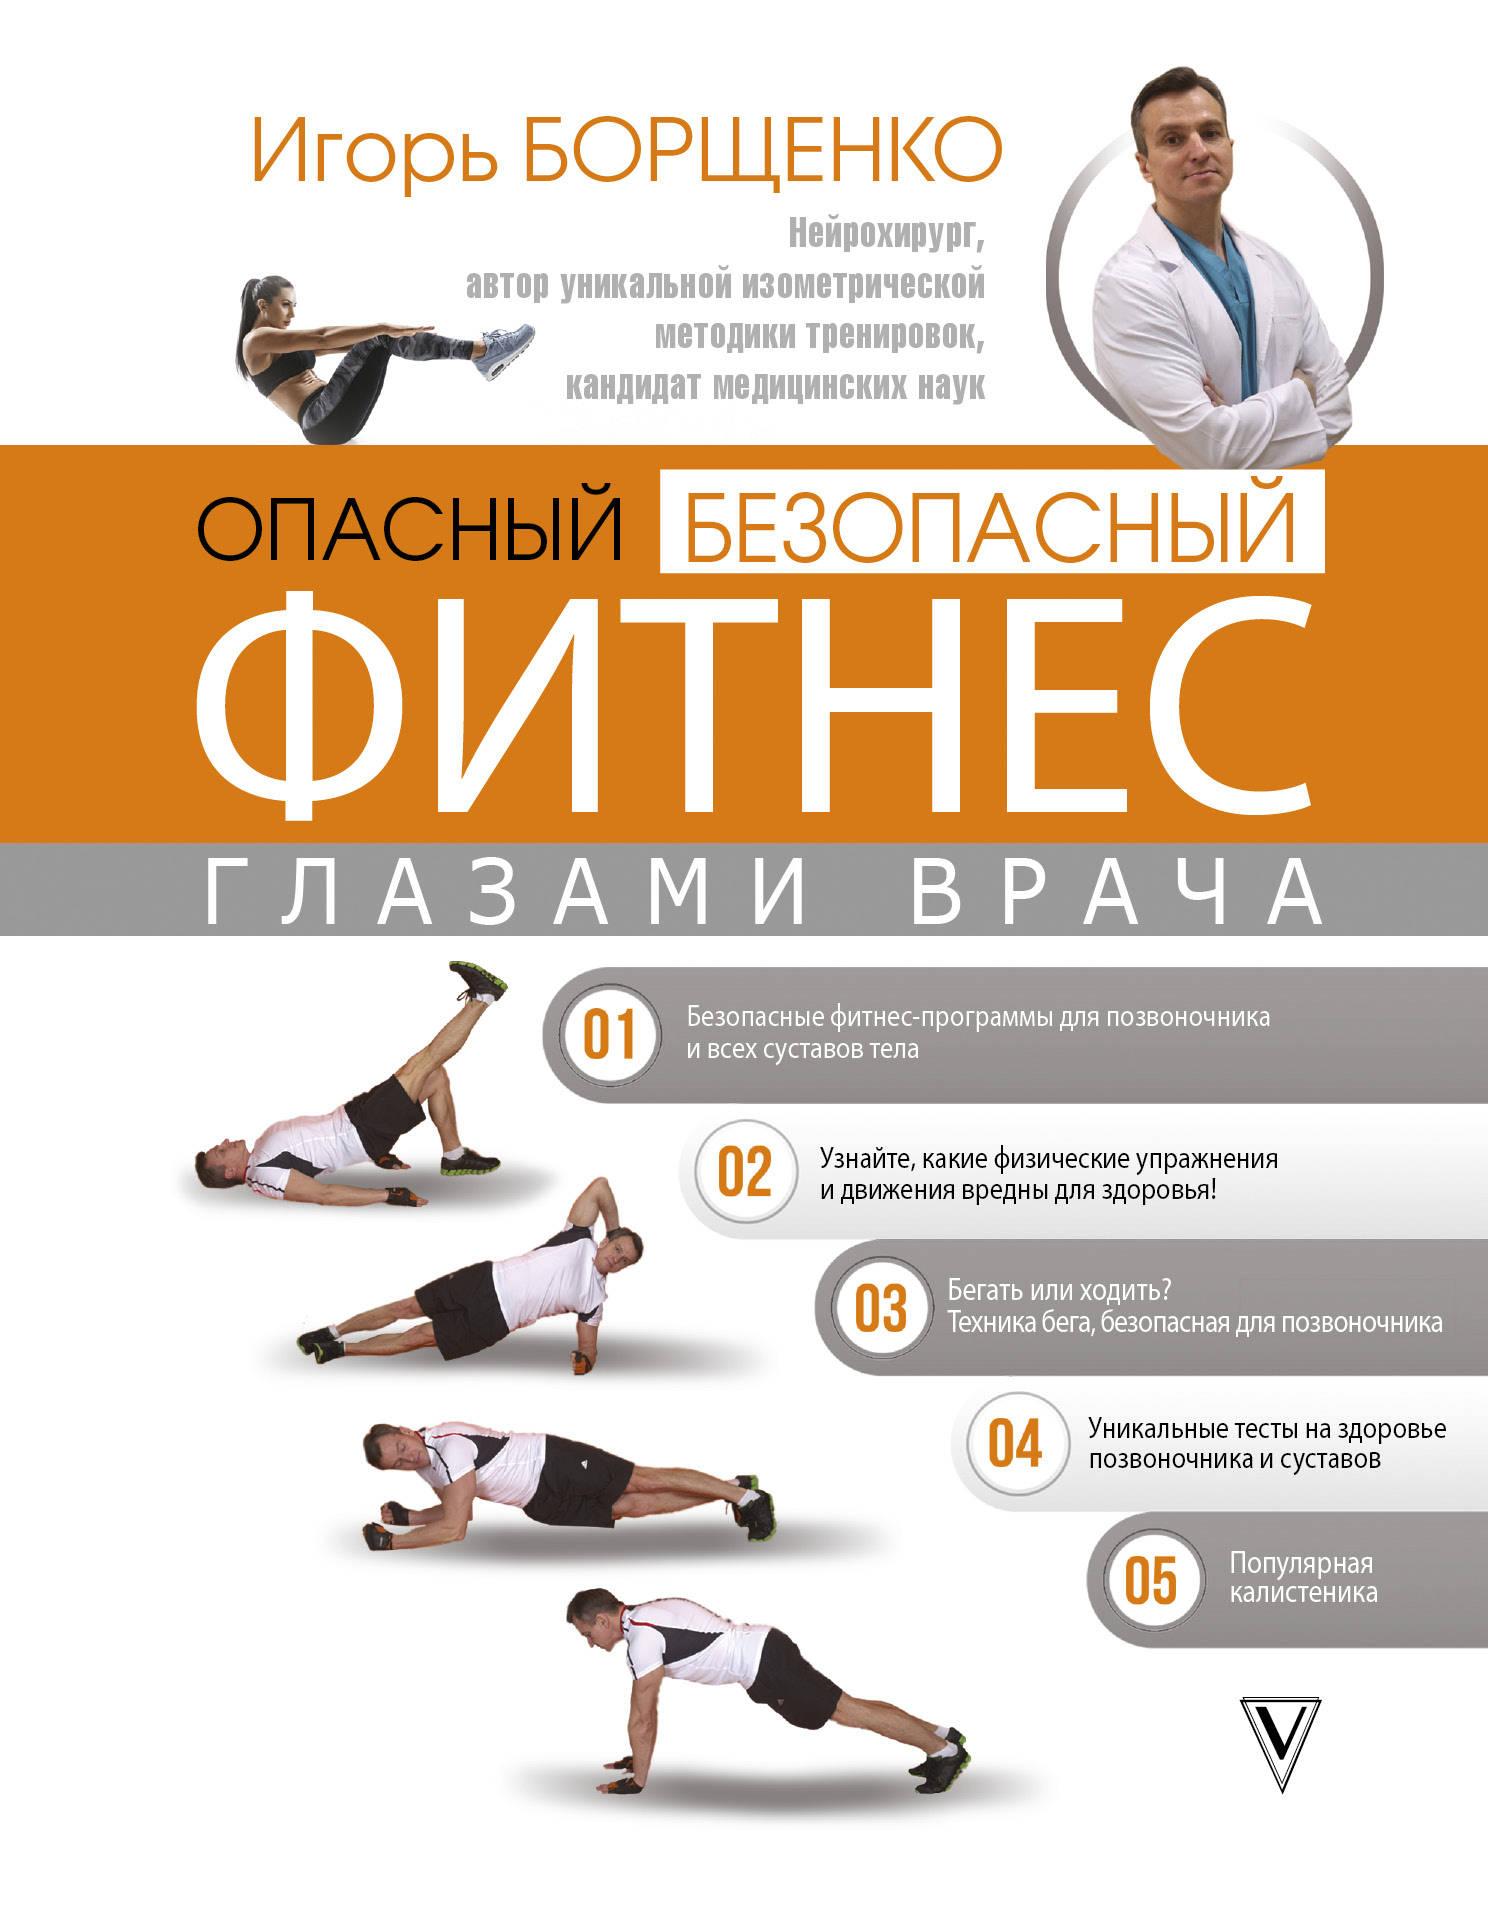 Zakazat.ru Опасный / безопасный фитнес глазами врача. Борщенко Игорь Анатольевич